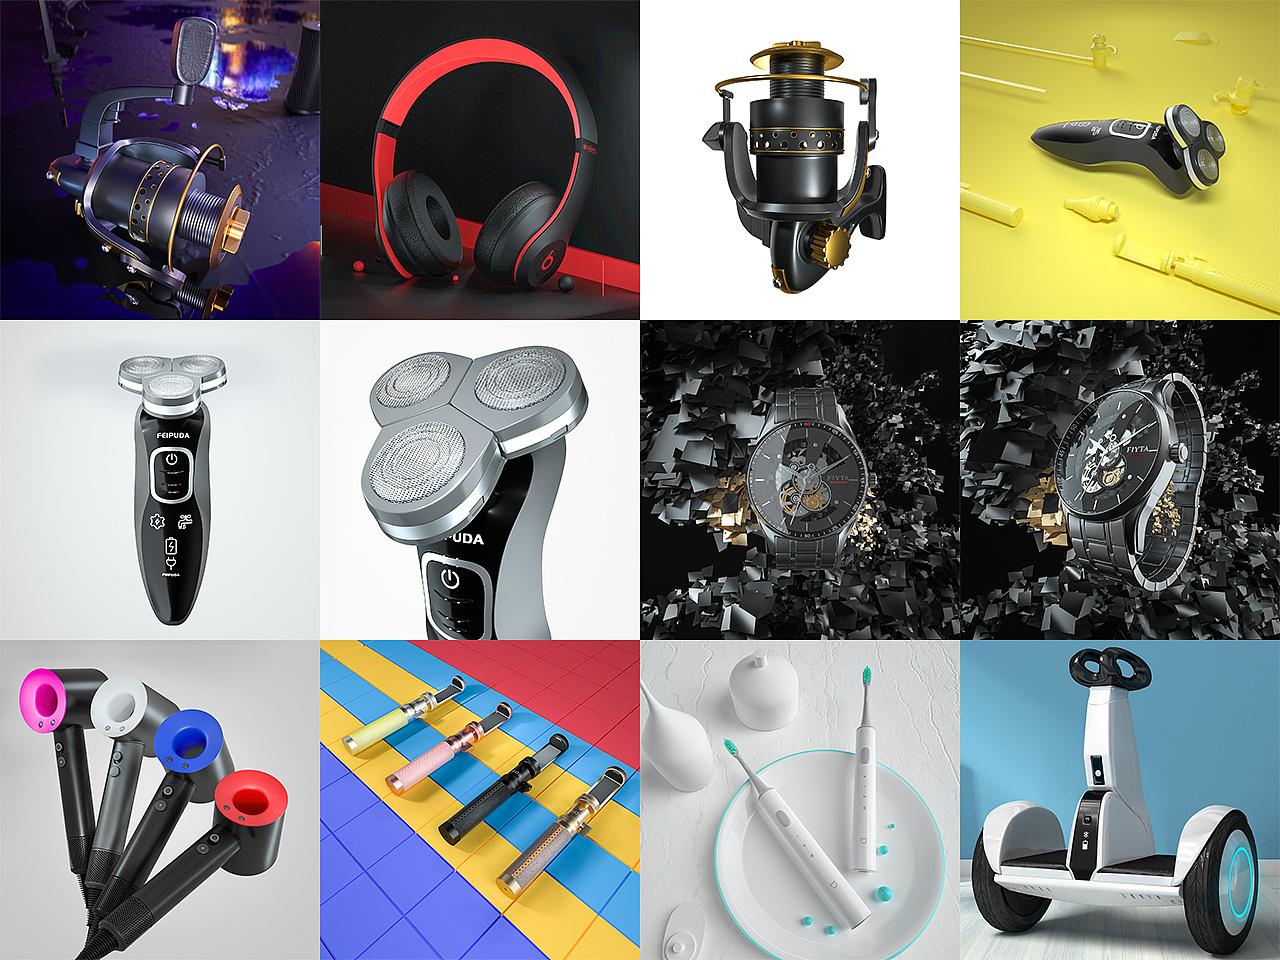 产品外观设计设备造型犀牛工业设计公司文创意电子产品智能家家居